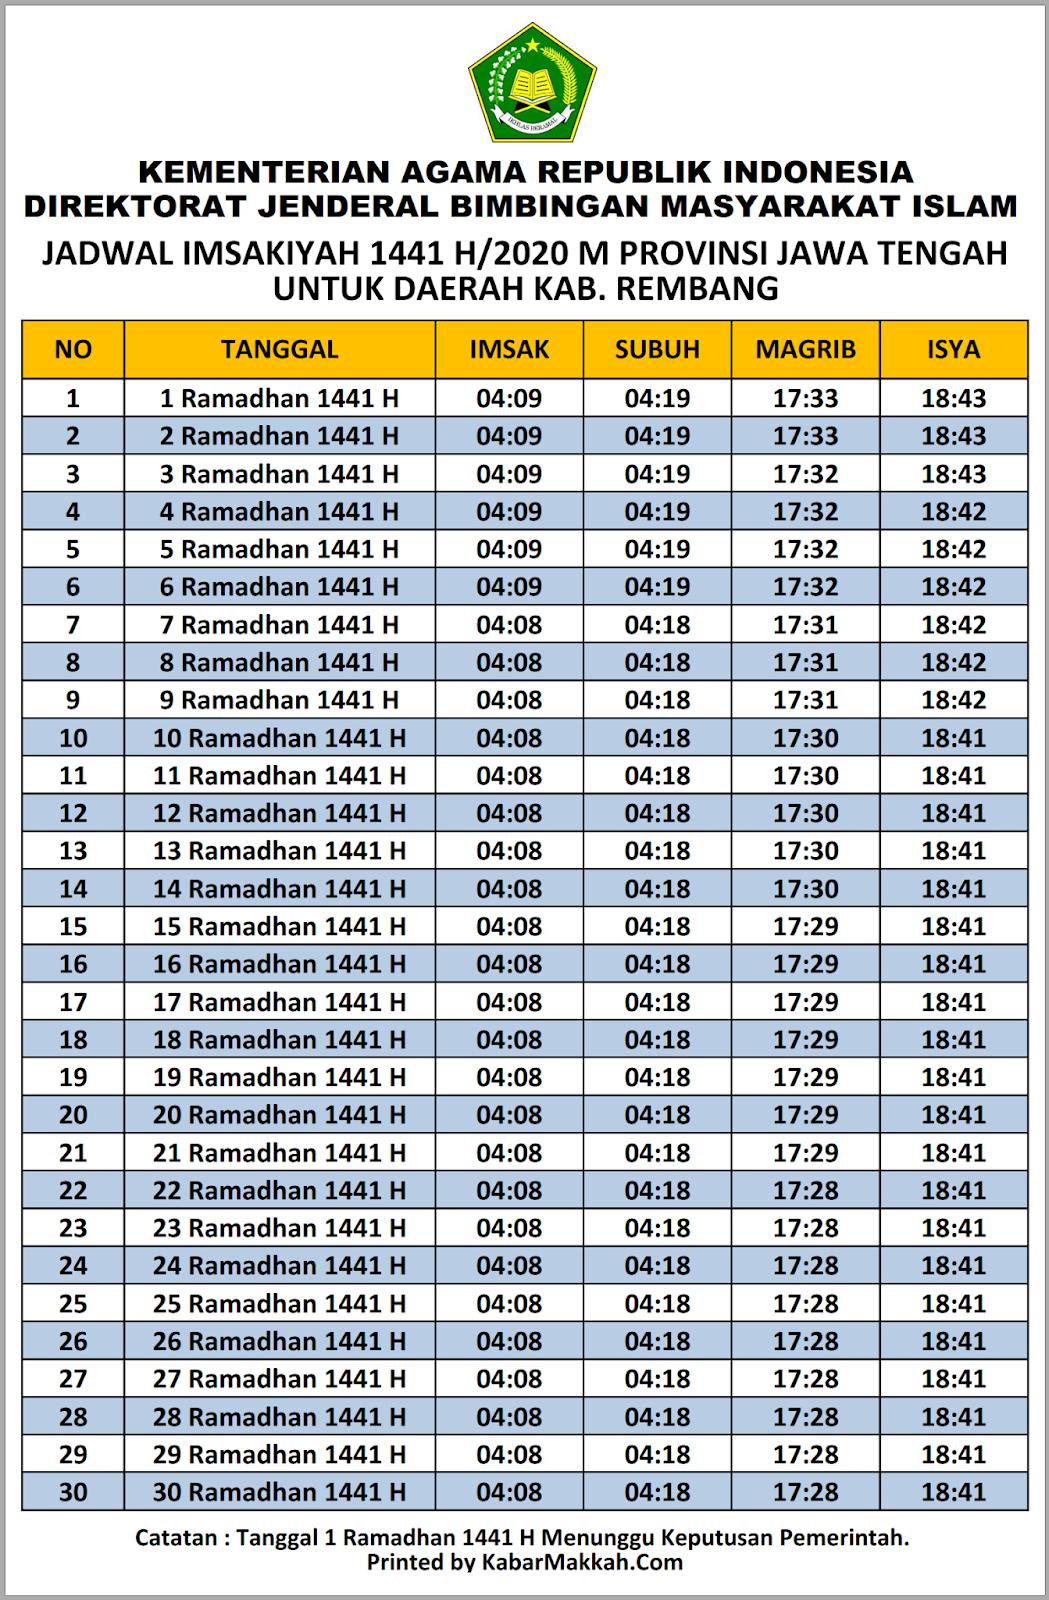 Jadwal Imsakiyah Rembang 2020